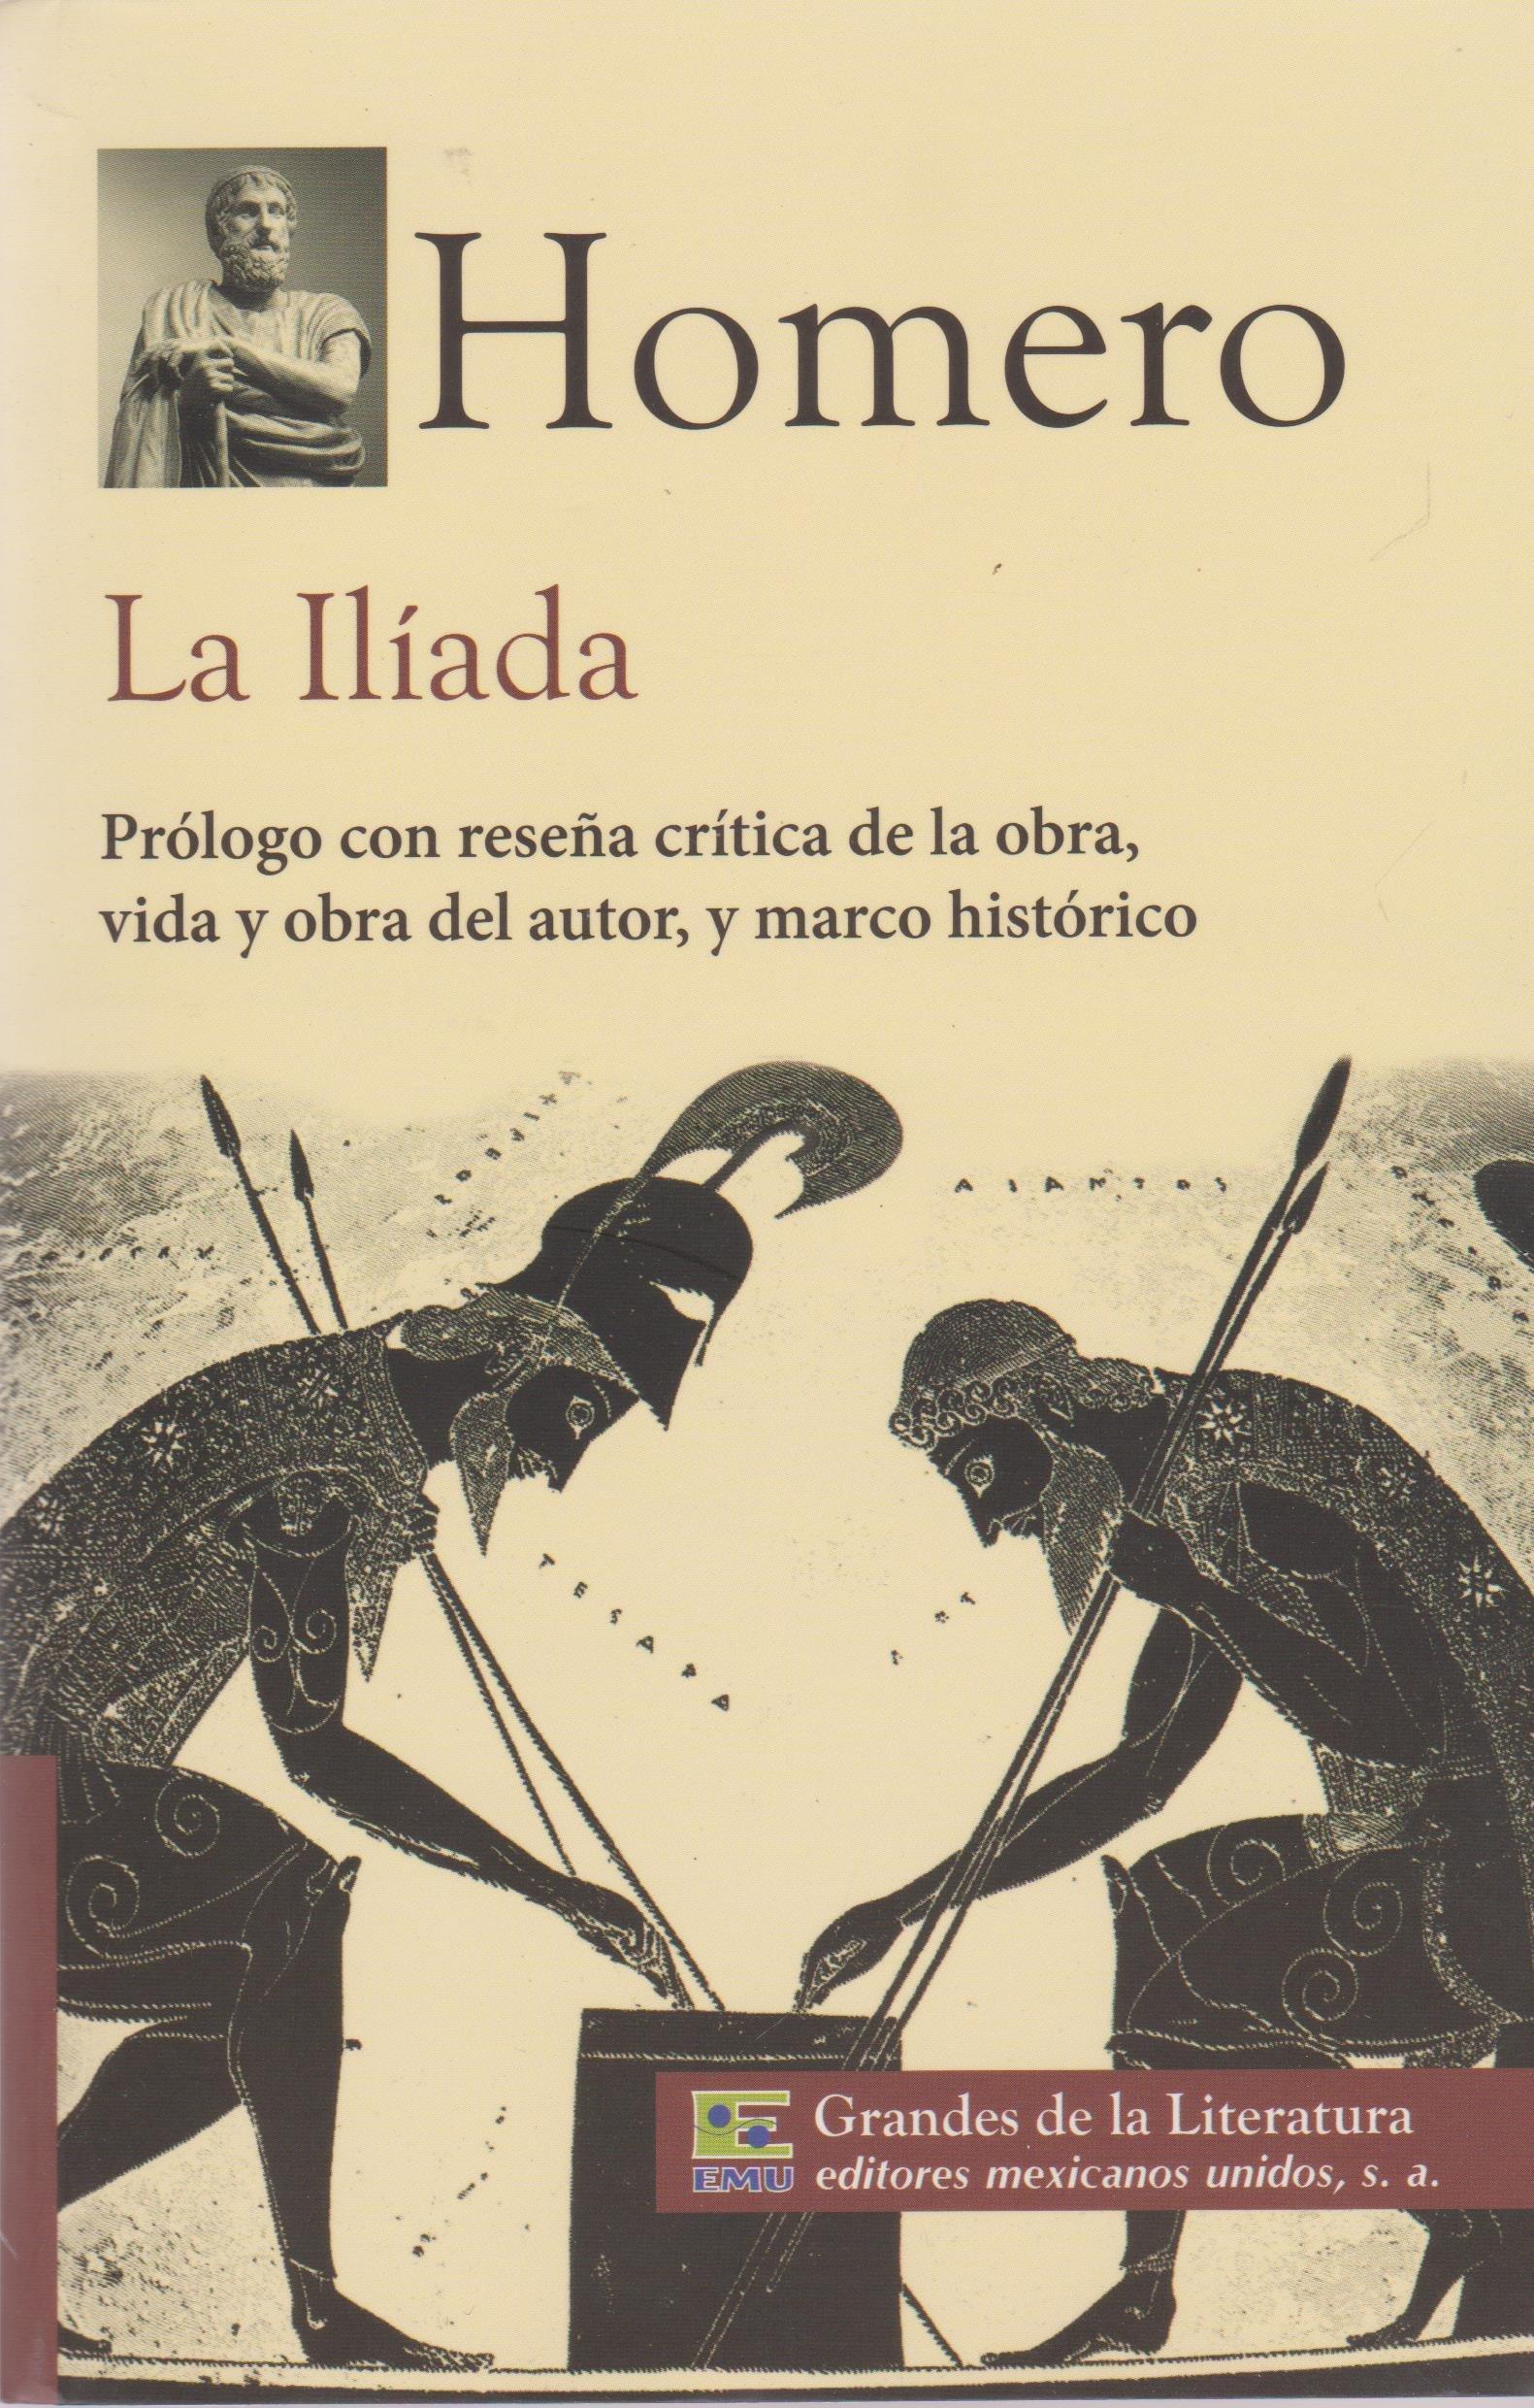 La Iliada. Prologo con resena critica de la obra, vida y obra del autor, y  marco historico.: HOMERO: Amazon.com.mx: Libros